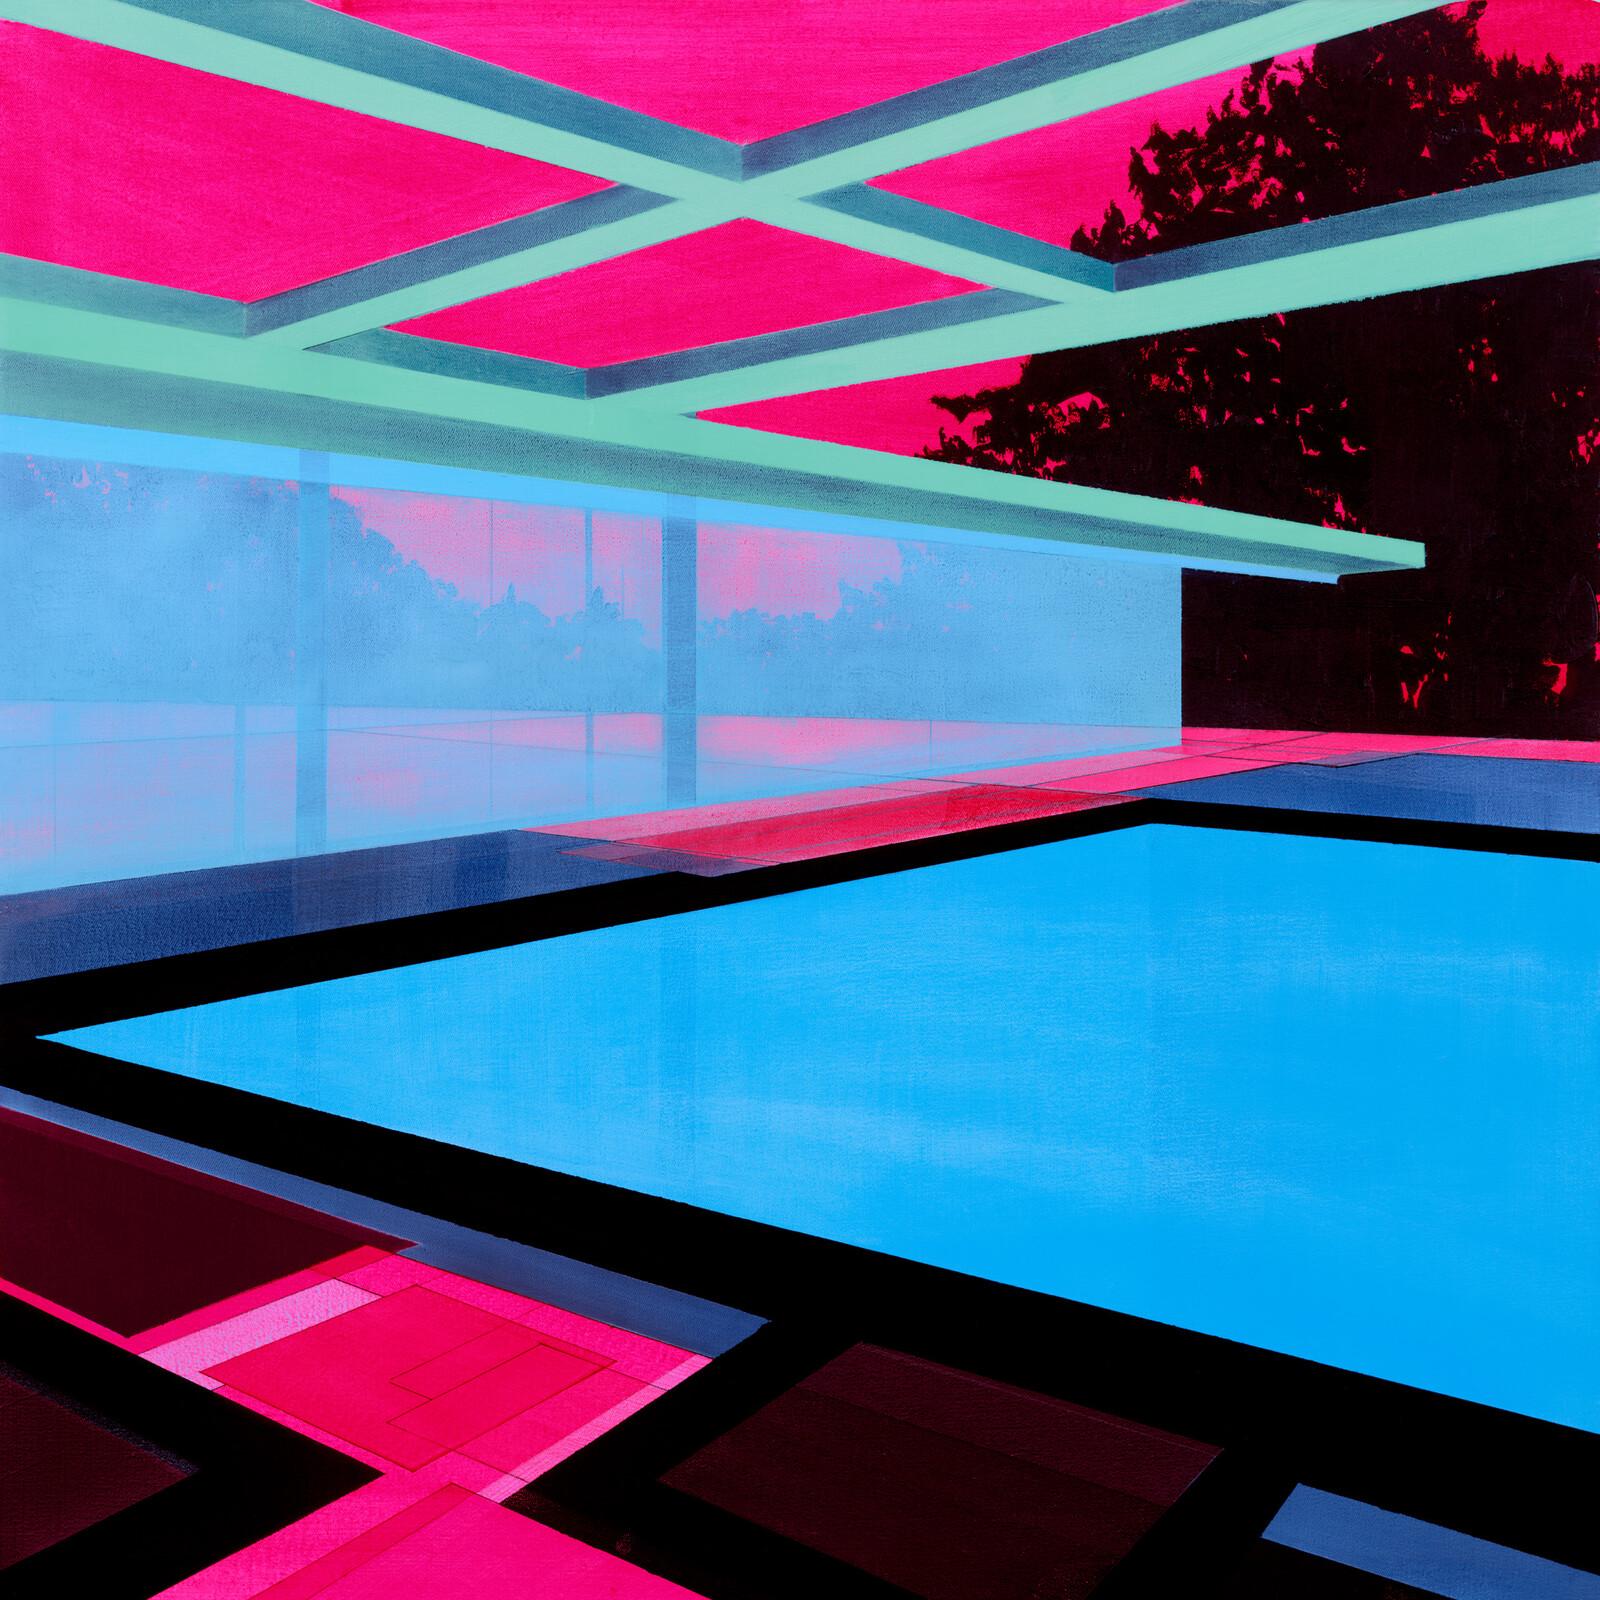 leuchten judith lindner pictures photography photo. Black Bedroom Furniture Sets. Home Design Ideas